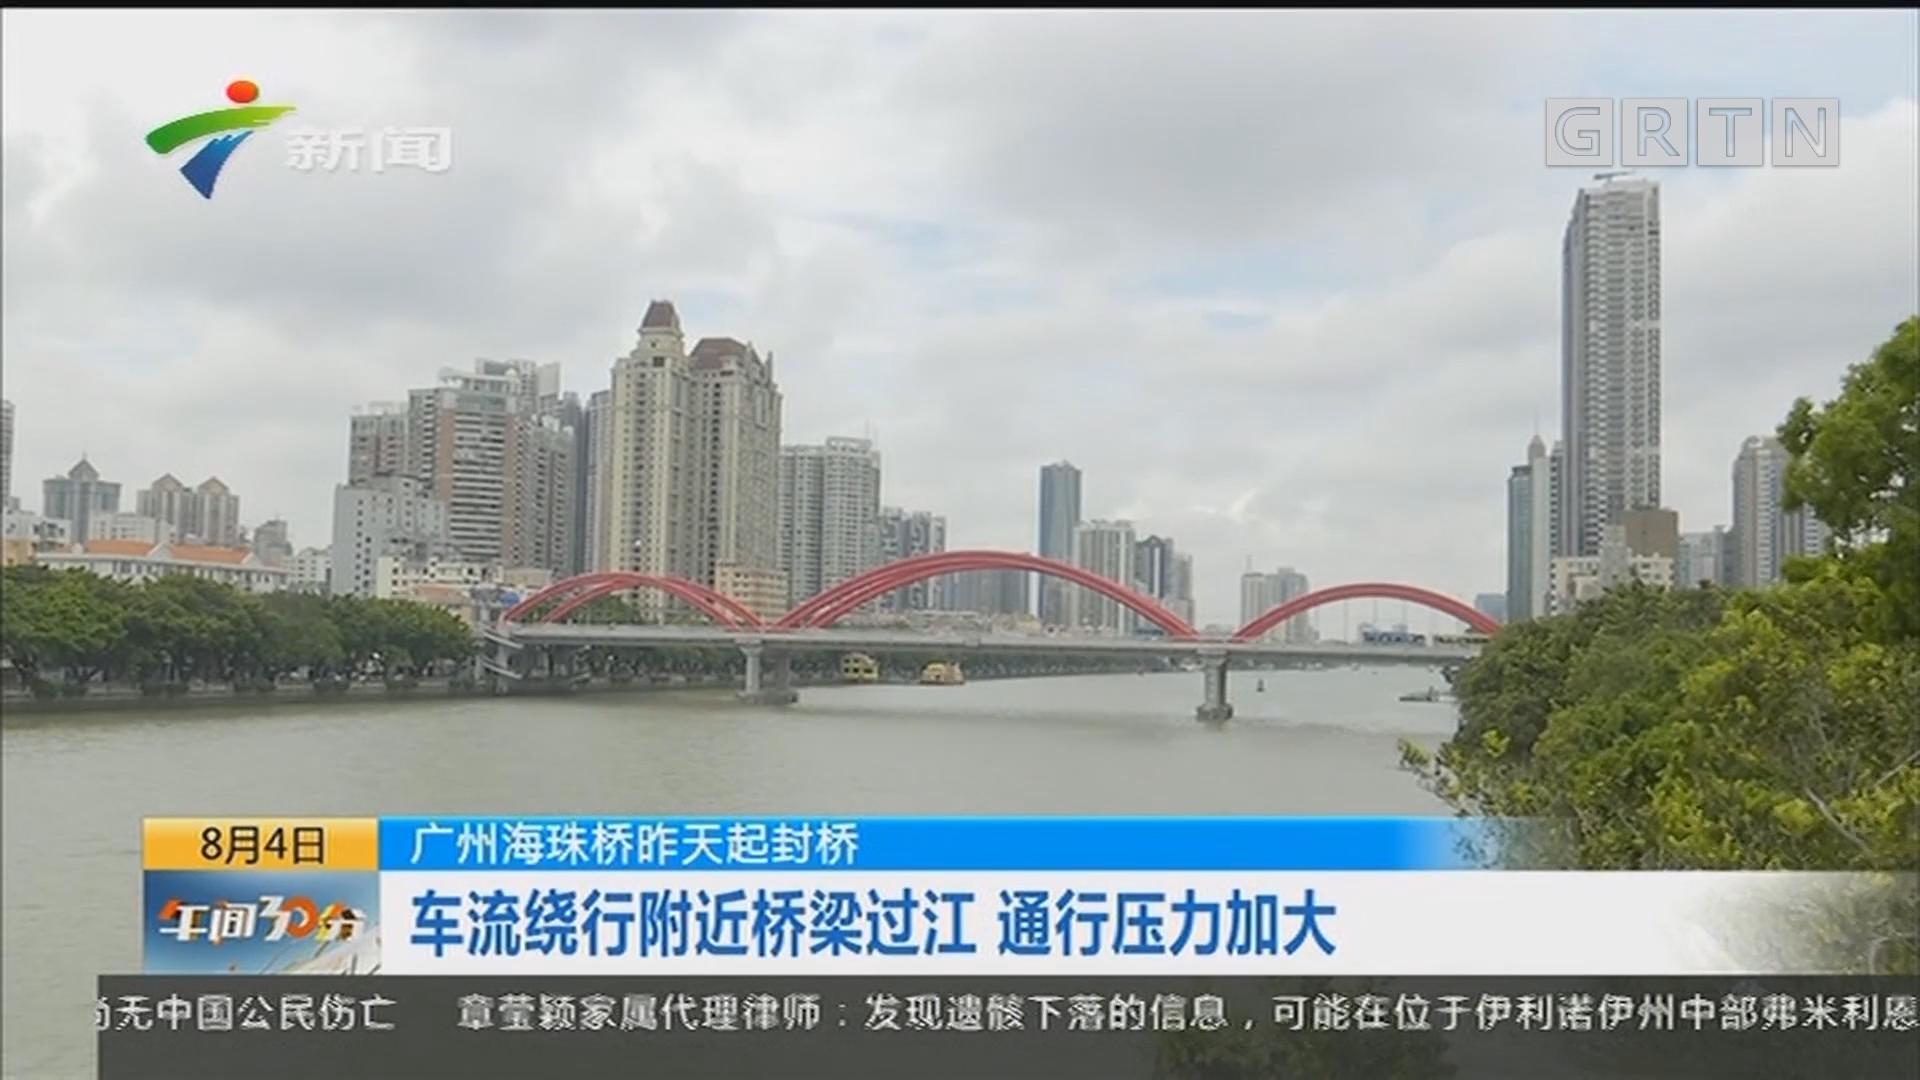 广州海珠桥昨天起封桥:车流绕行附近桥梁过江 通行压力加大